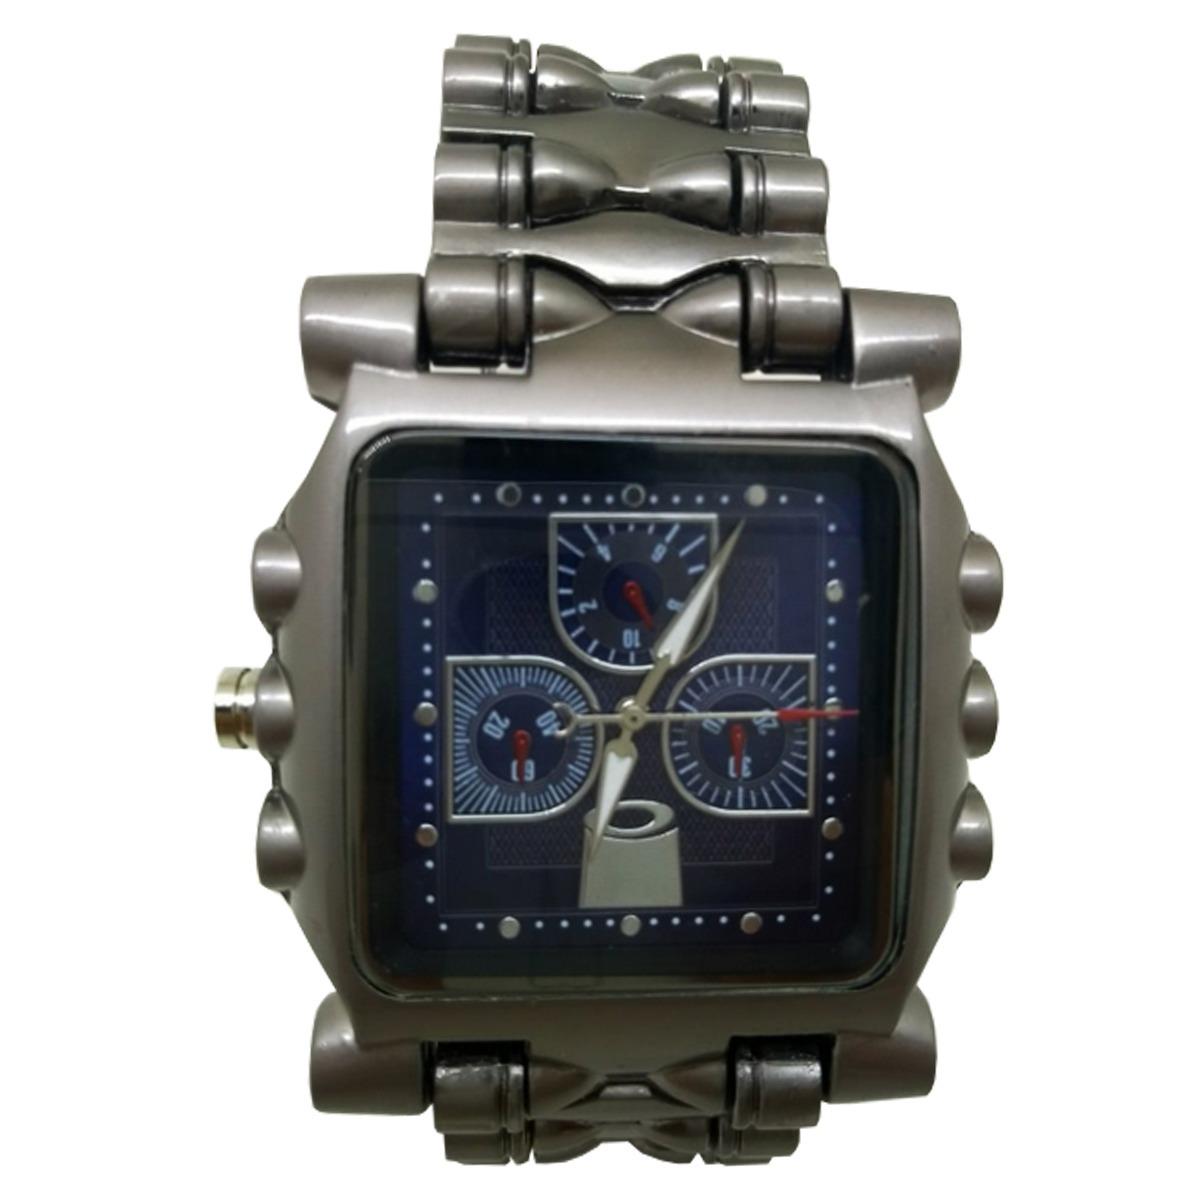 10c405855fe5e relógio oakley tank minute machine style muito top promoção. Carregando zoom .